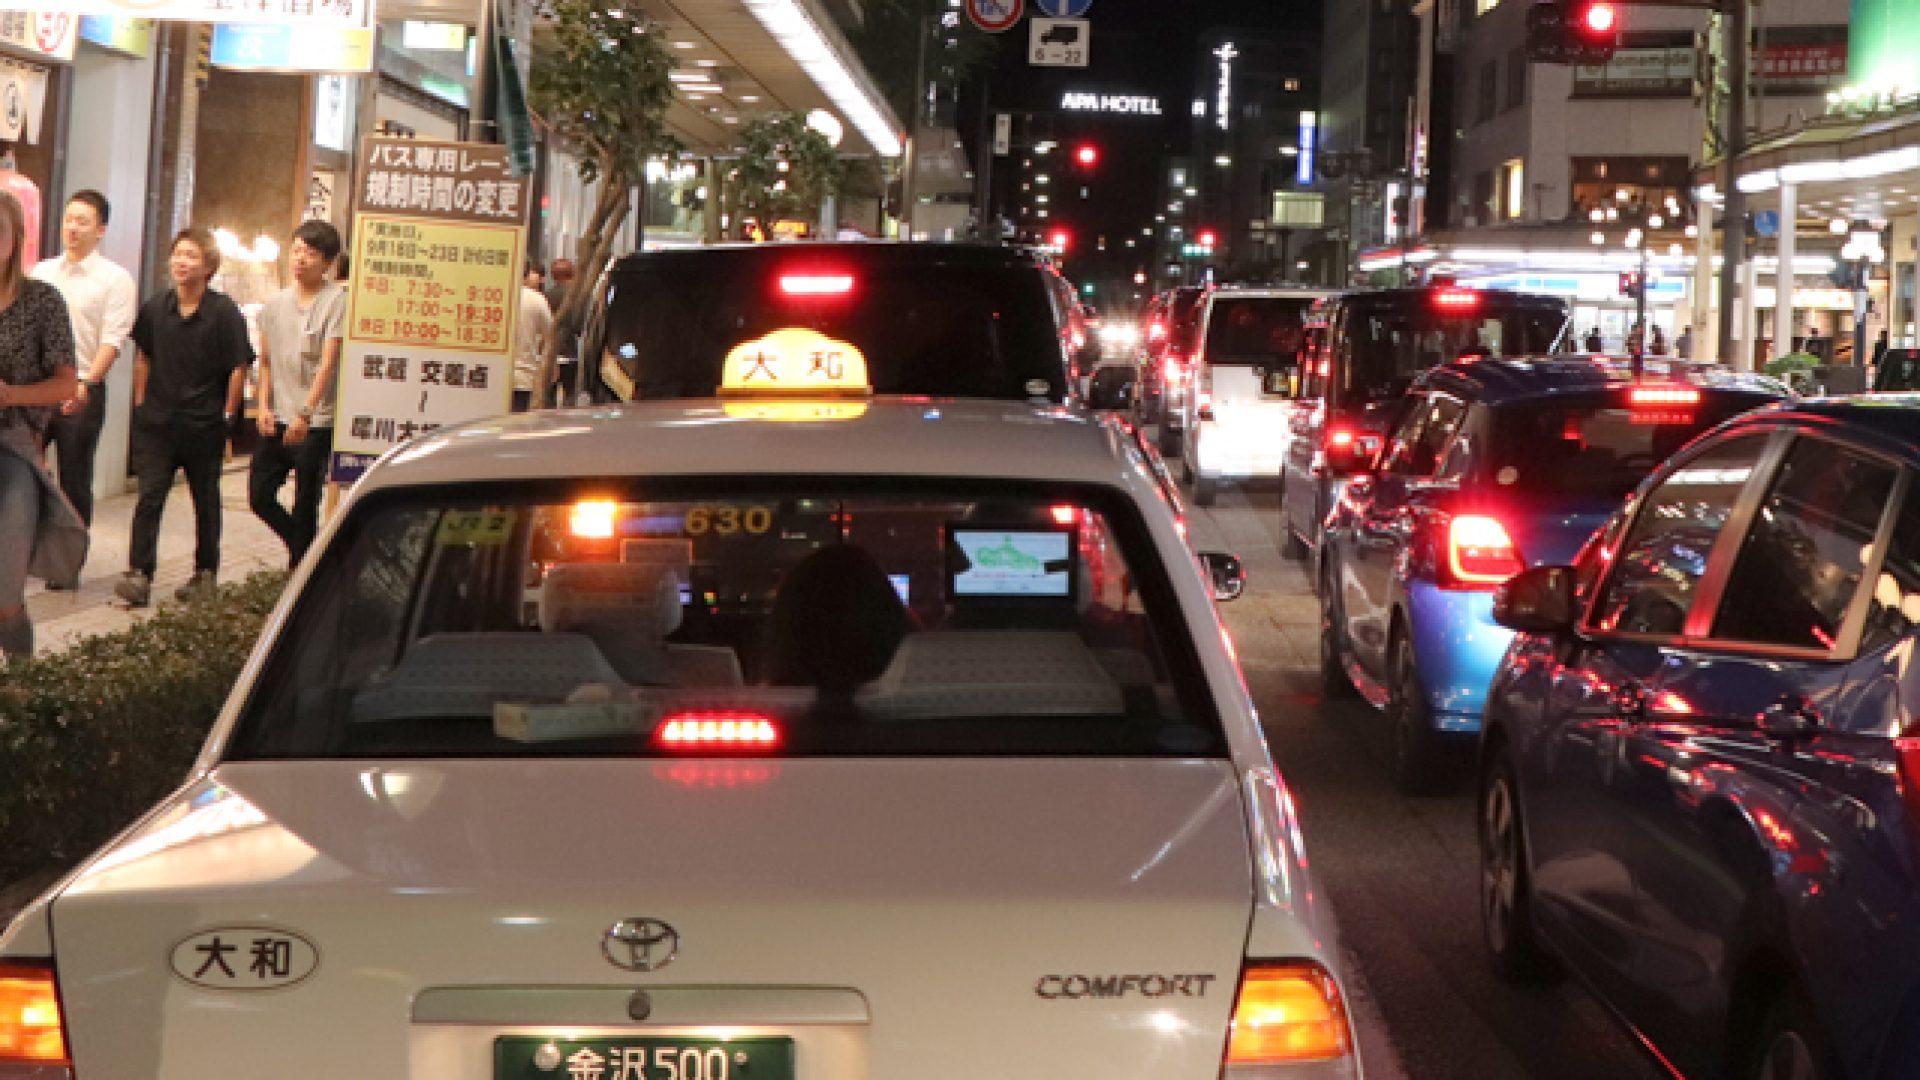 金沢の繁華街片町|片町飲食ビルテナント|寿観光株式会社